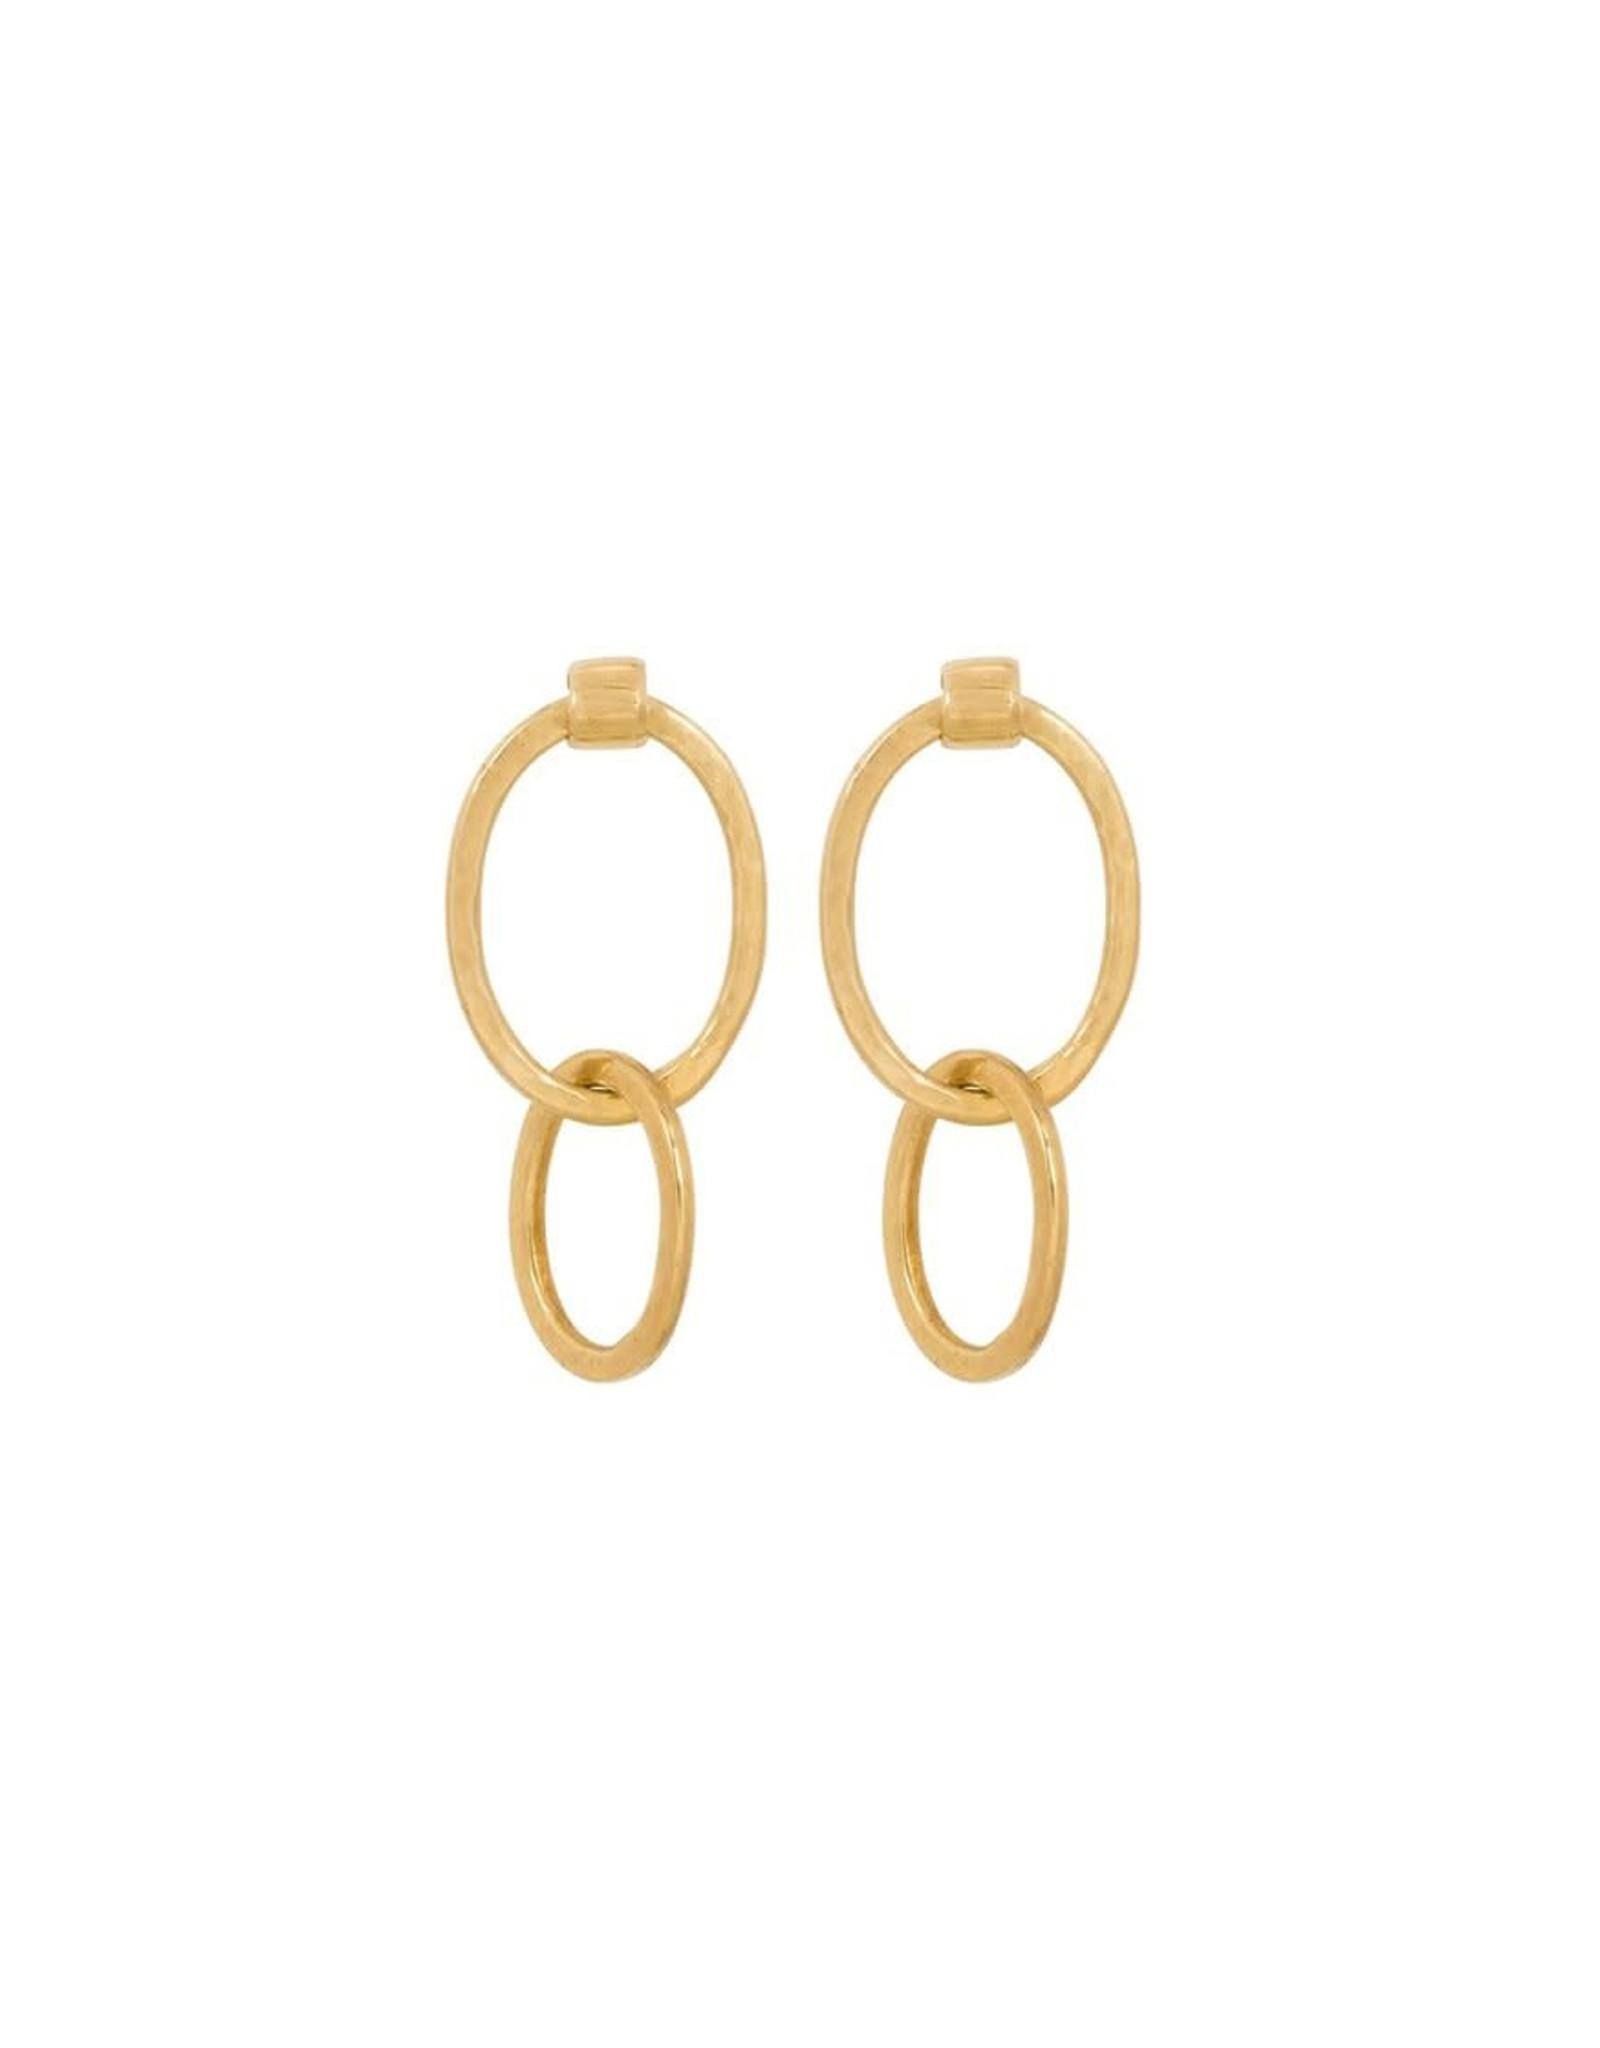 Taj TAJ- BARIKA Earring (pair)